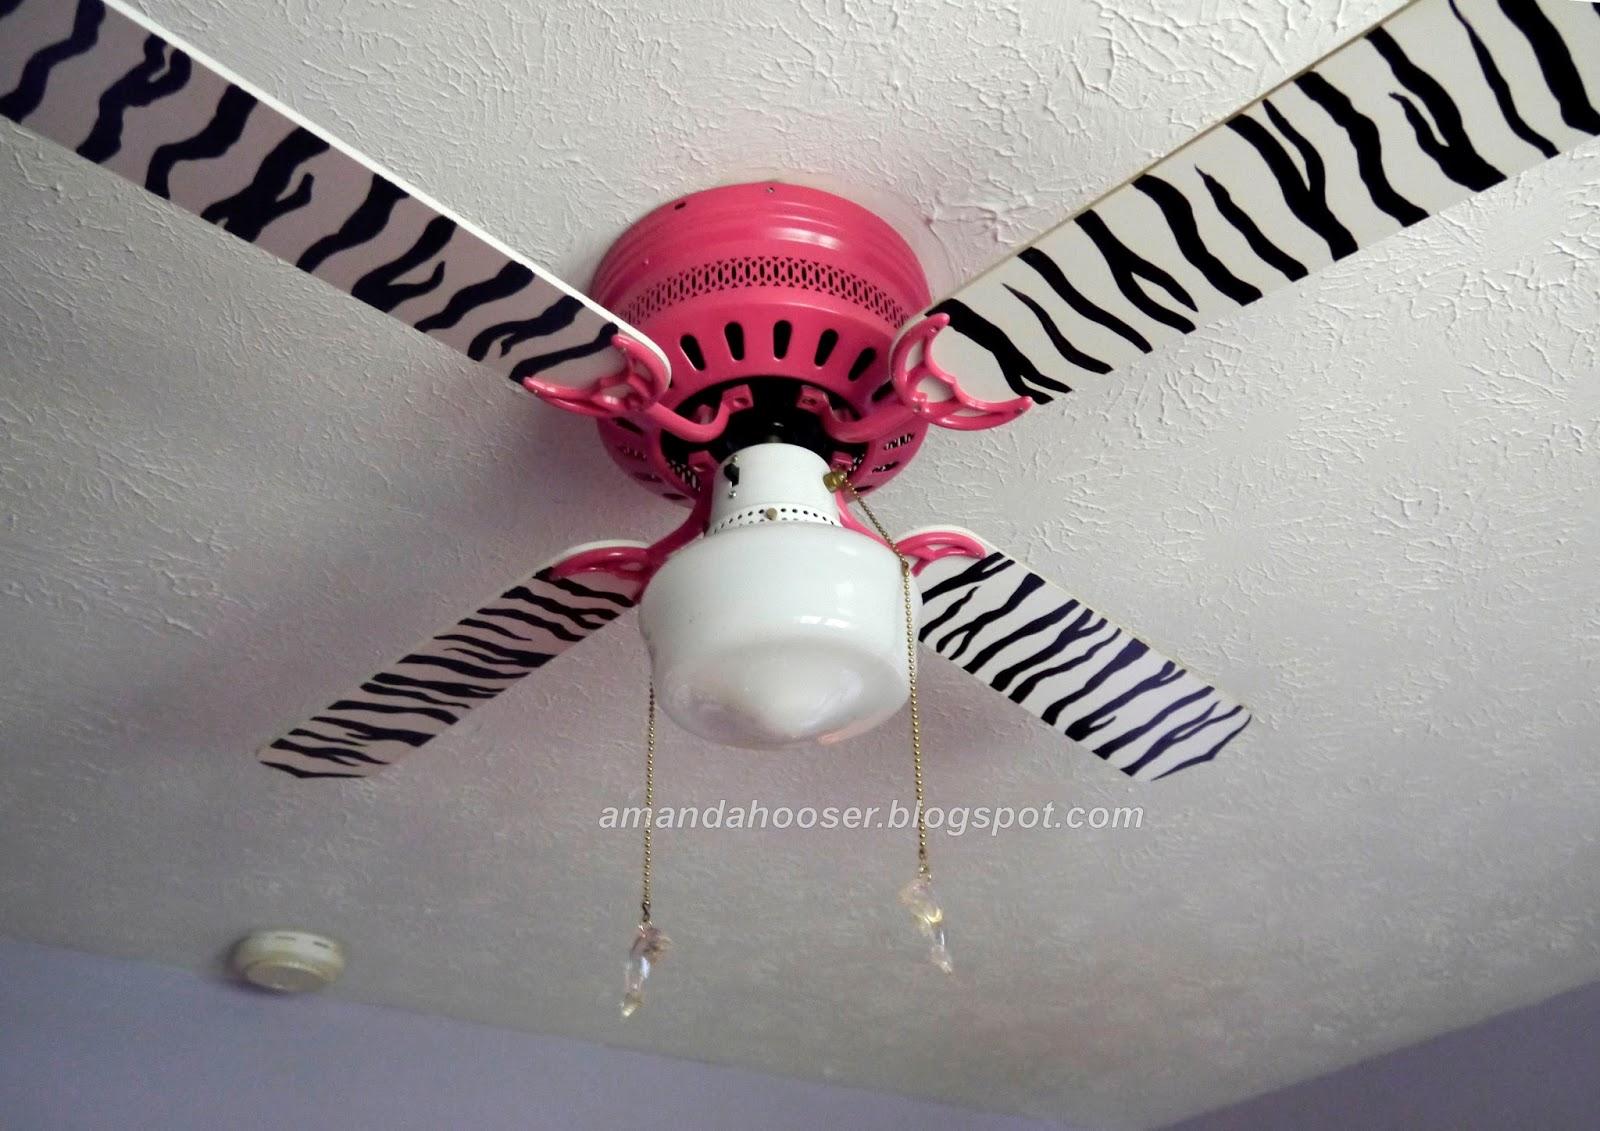 zebra ceiling fan photo - 1